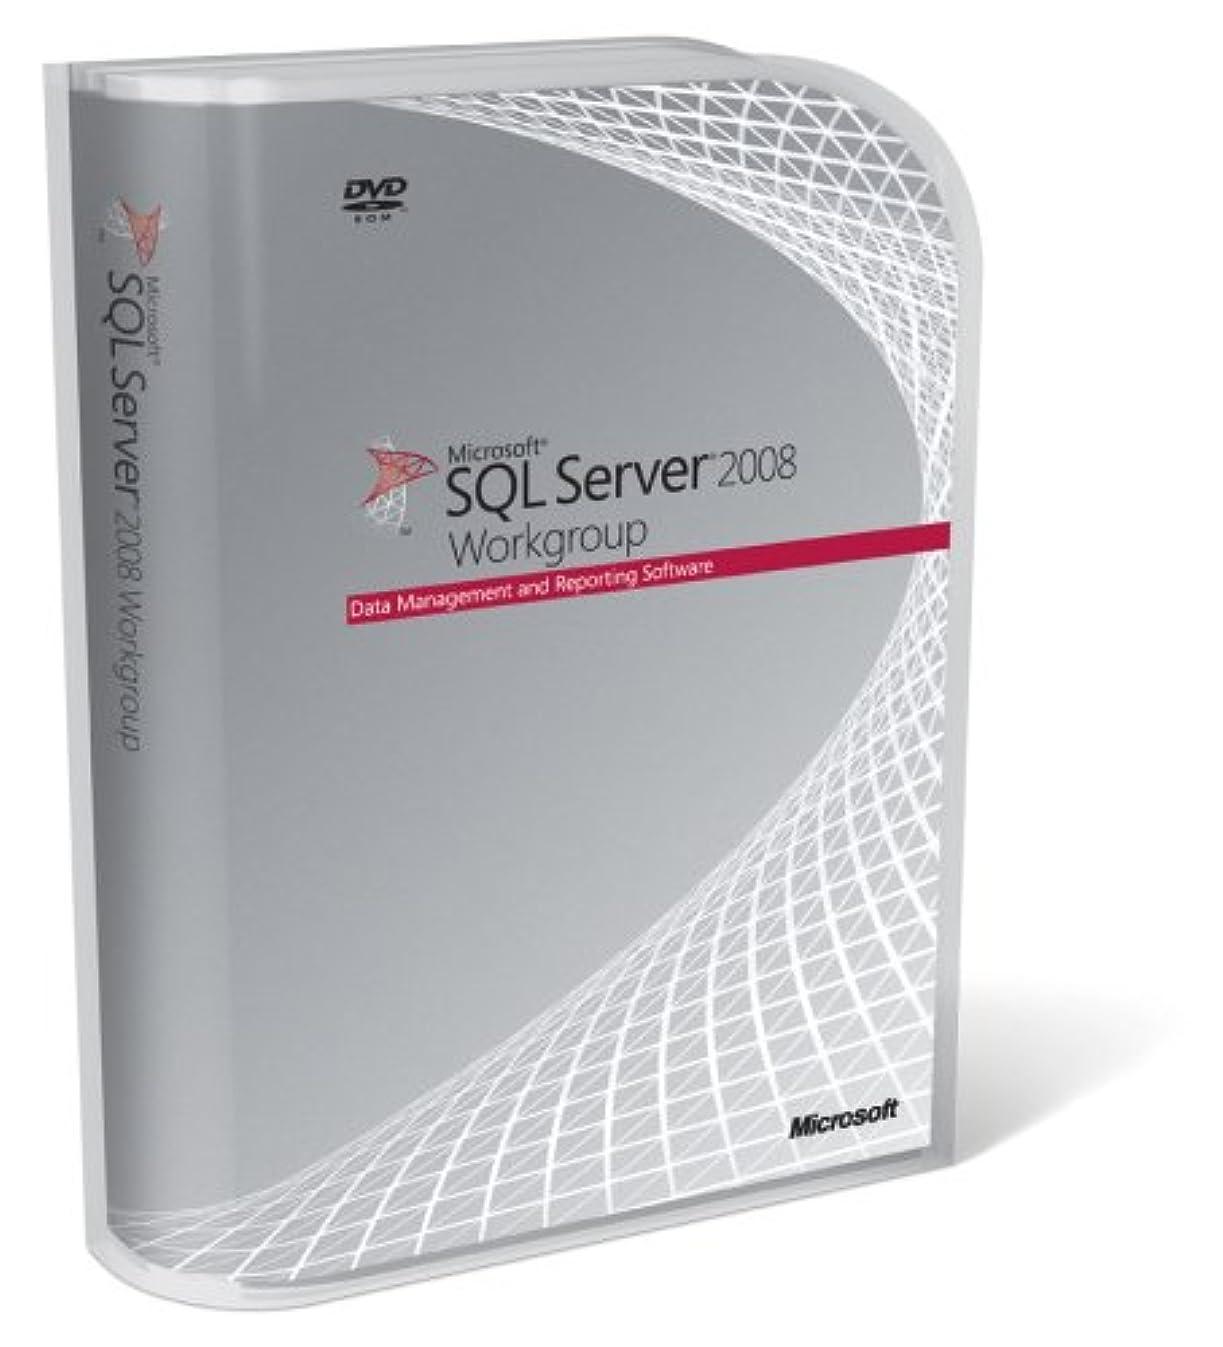 小石初期のカレッジSQL Server 2008 Workgroup 日本語版 5CAL 付き